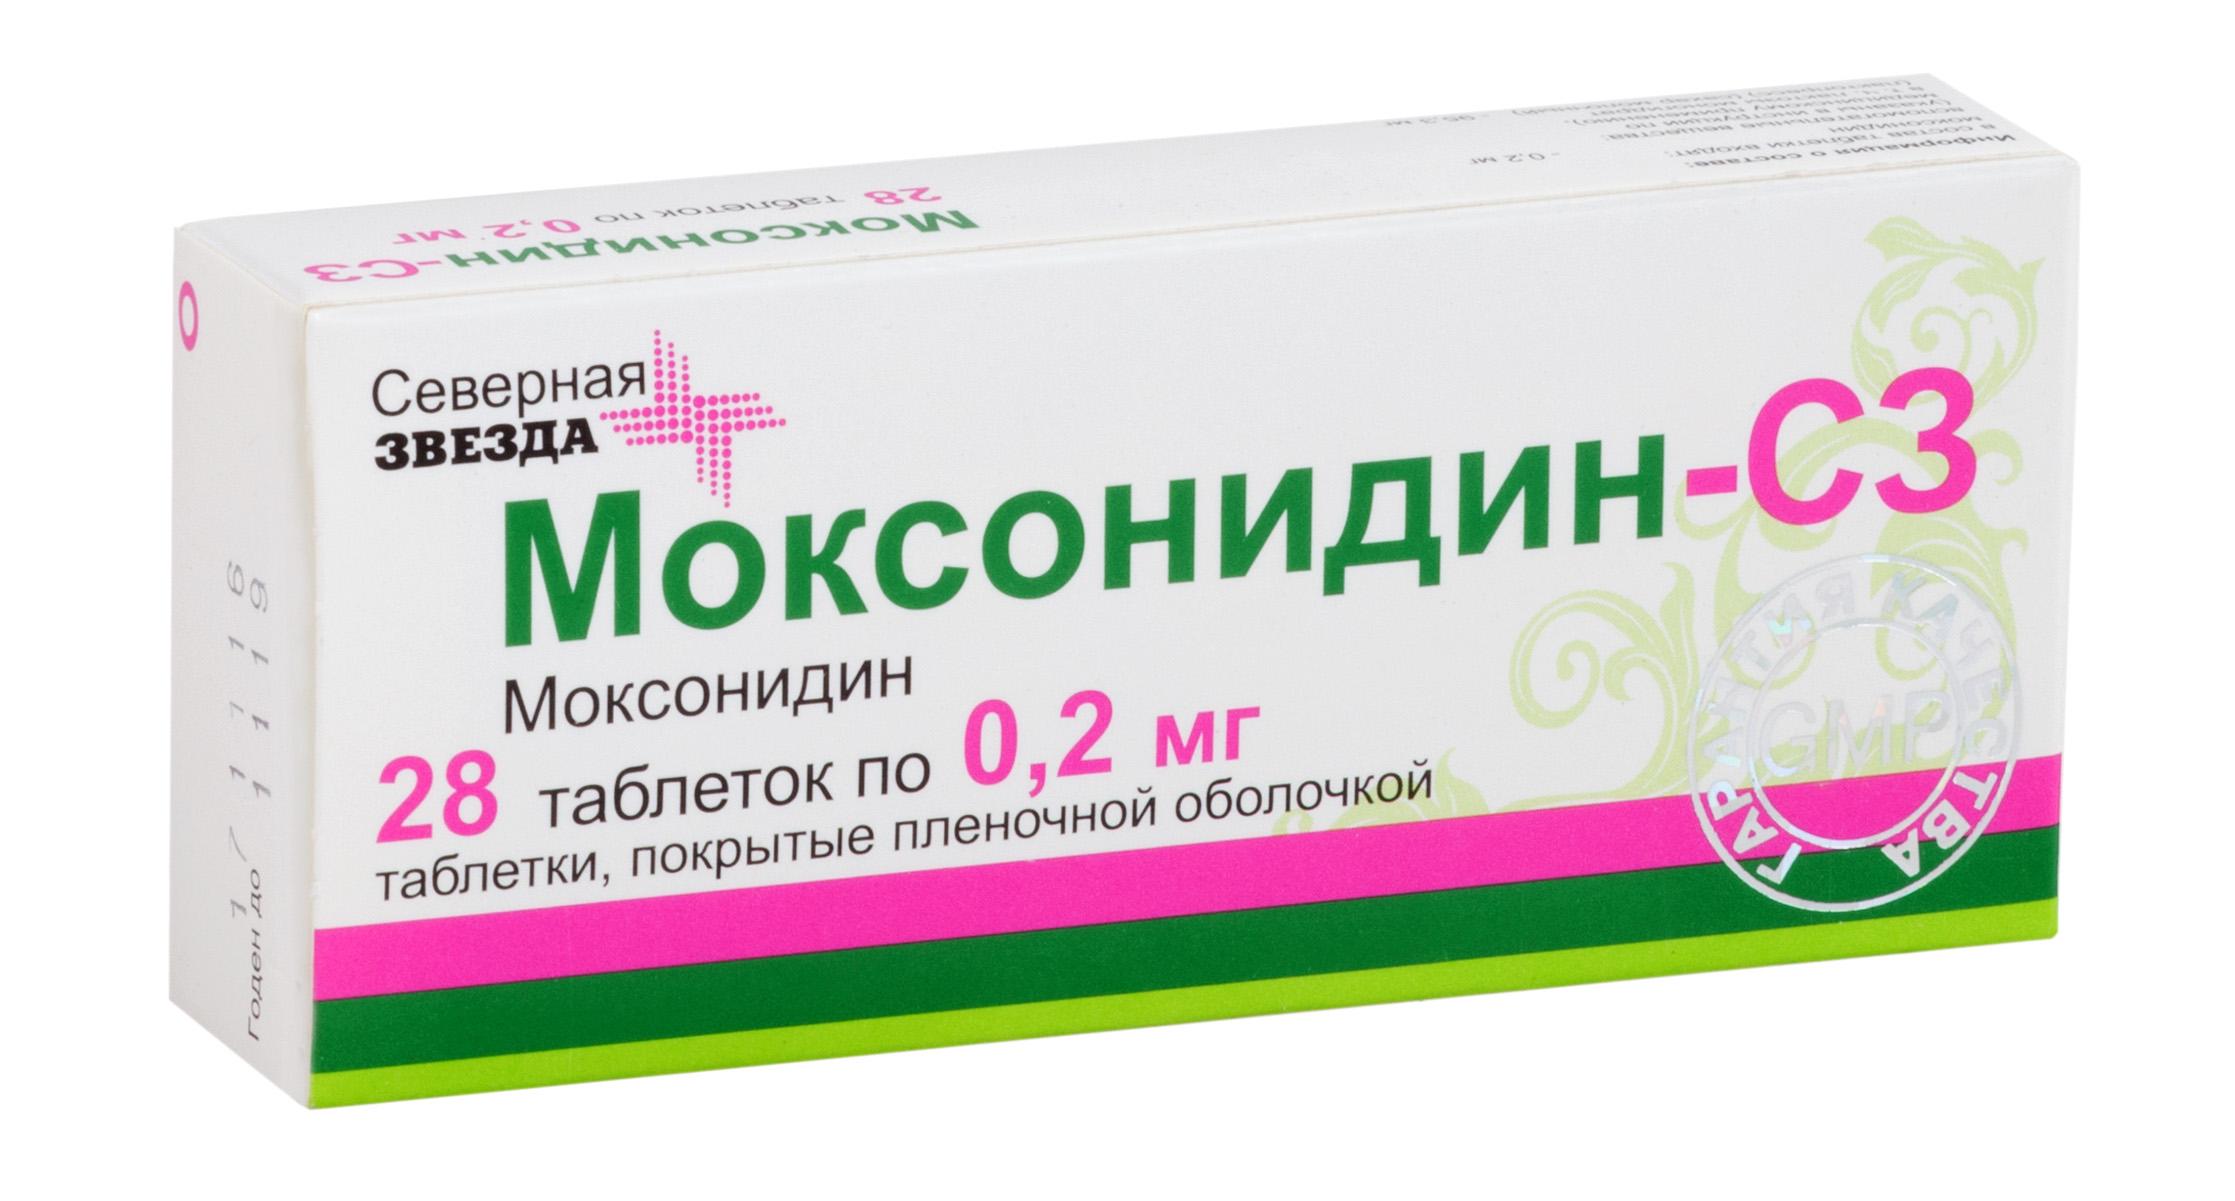 Моксонидин-сз таб. п.п.о. 0,2мг n28